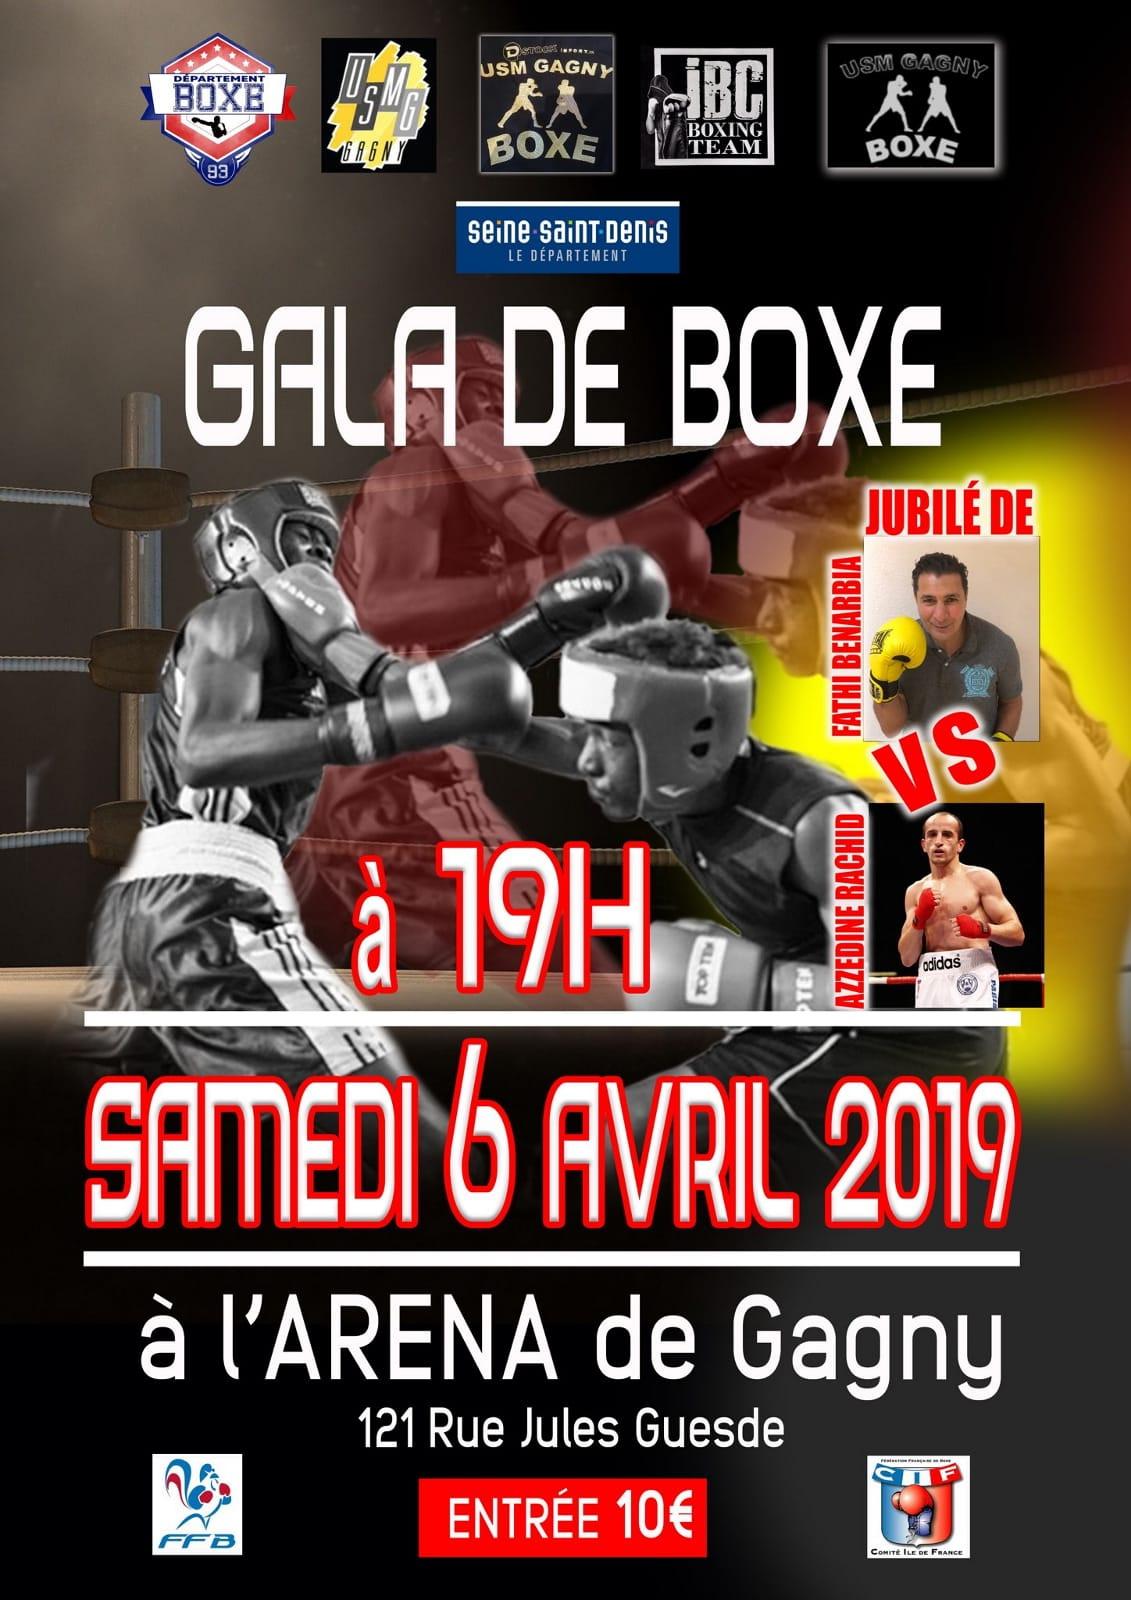 Gala de boxe 2019 04 06